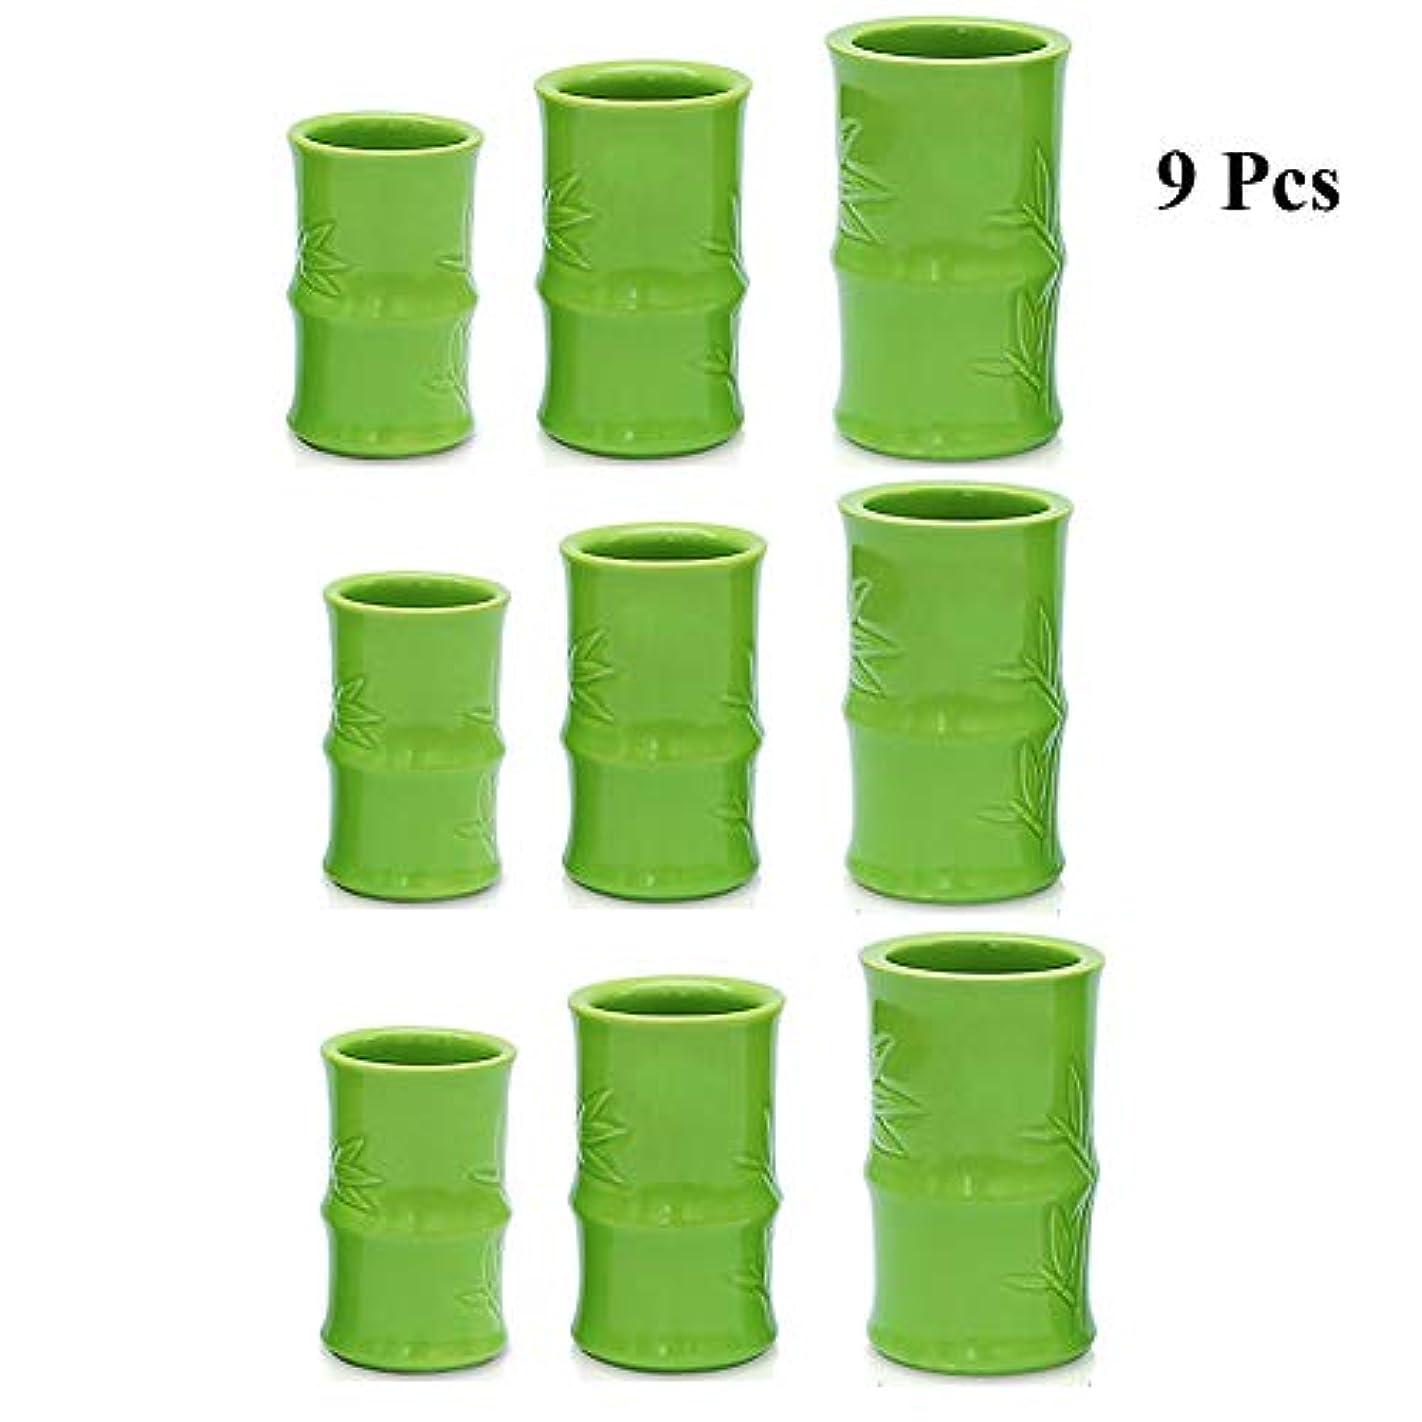 有害予感ペッカディロ真空カッピングマッサージ缶 - セラミックスポットセラピーセット - 鍼ボディセラピーセット,C9pcs